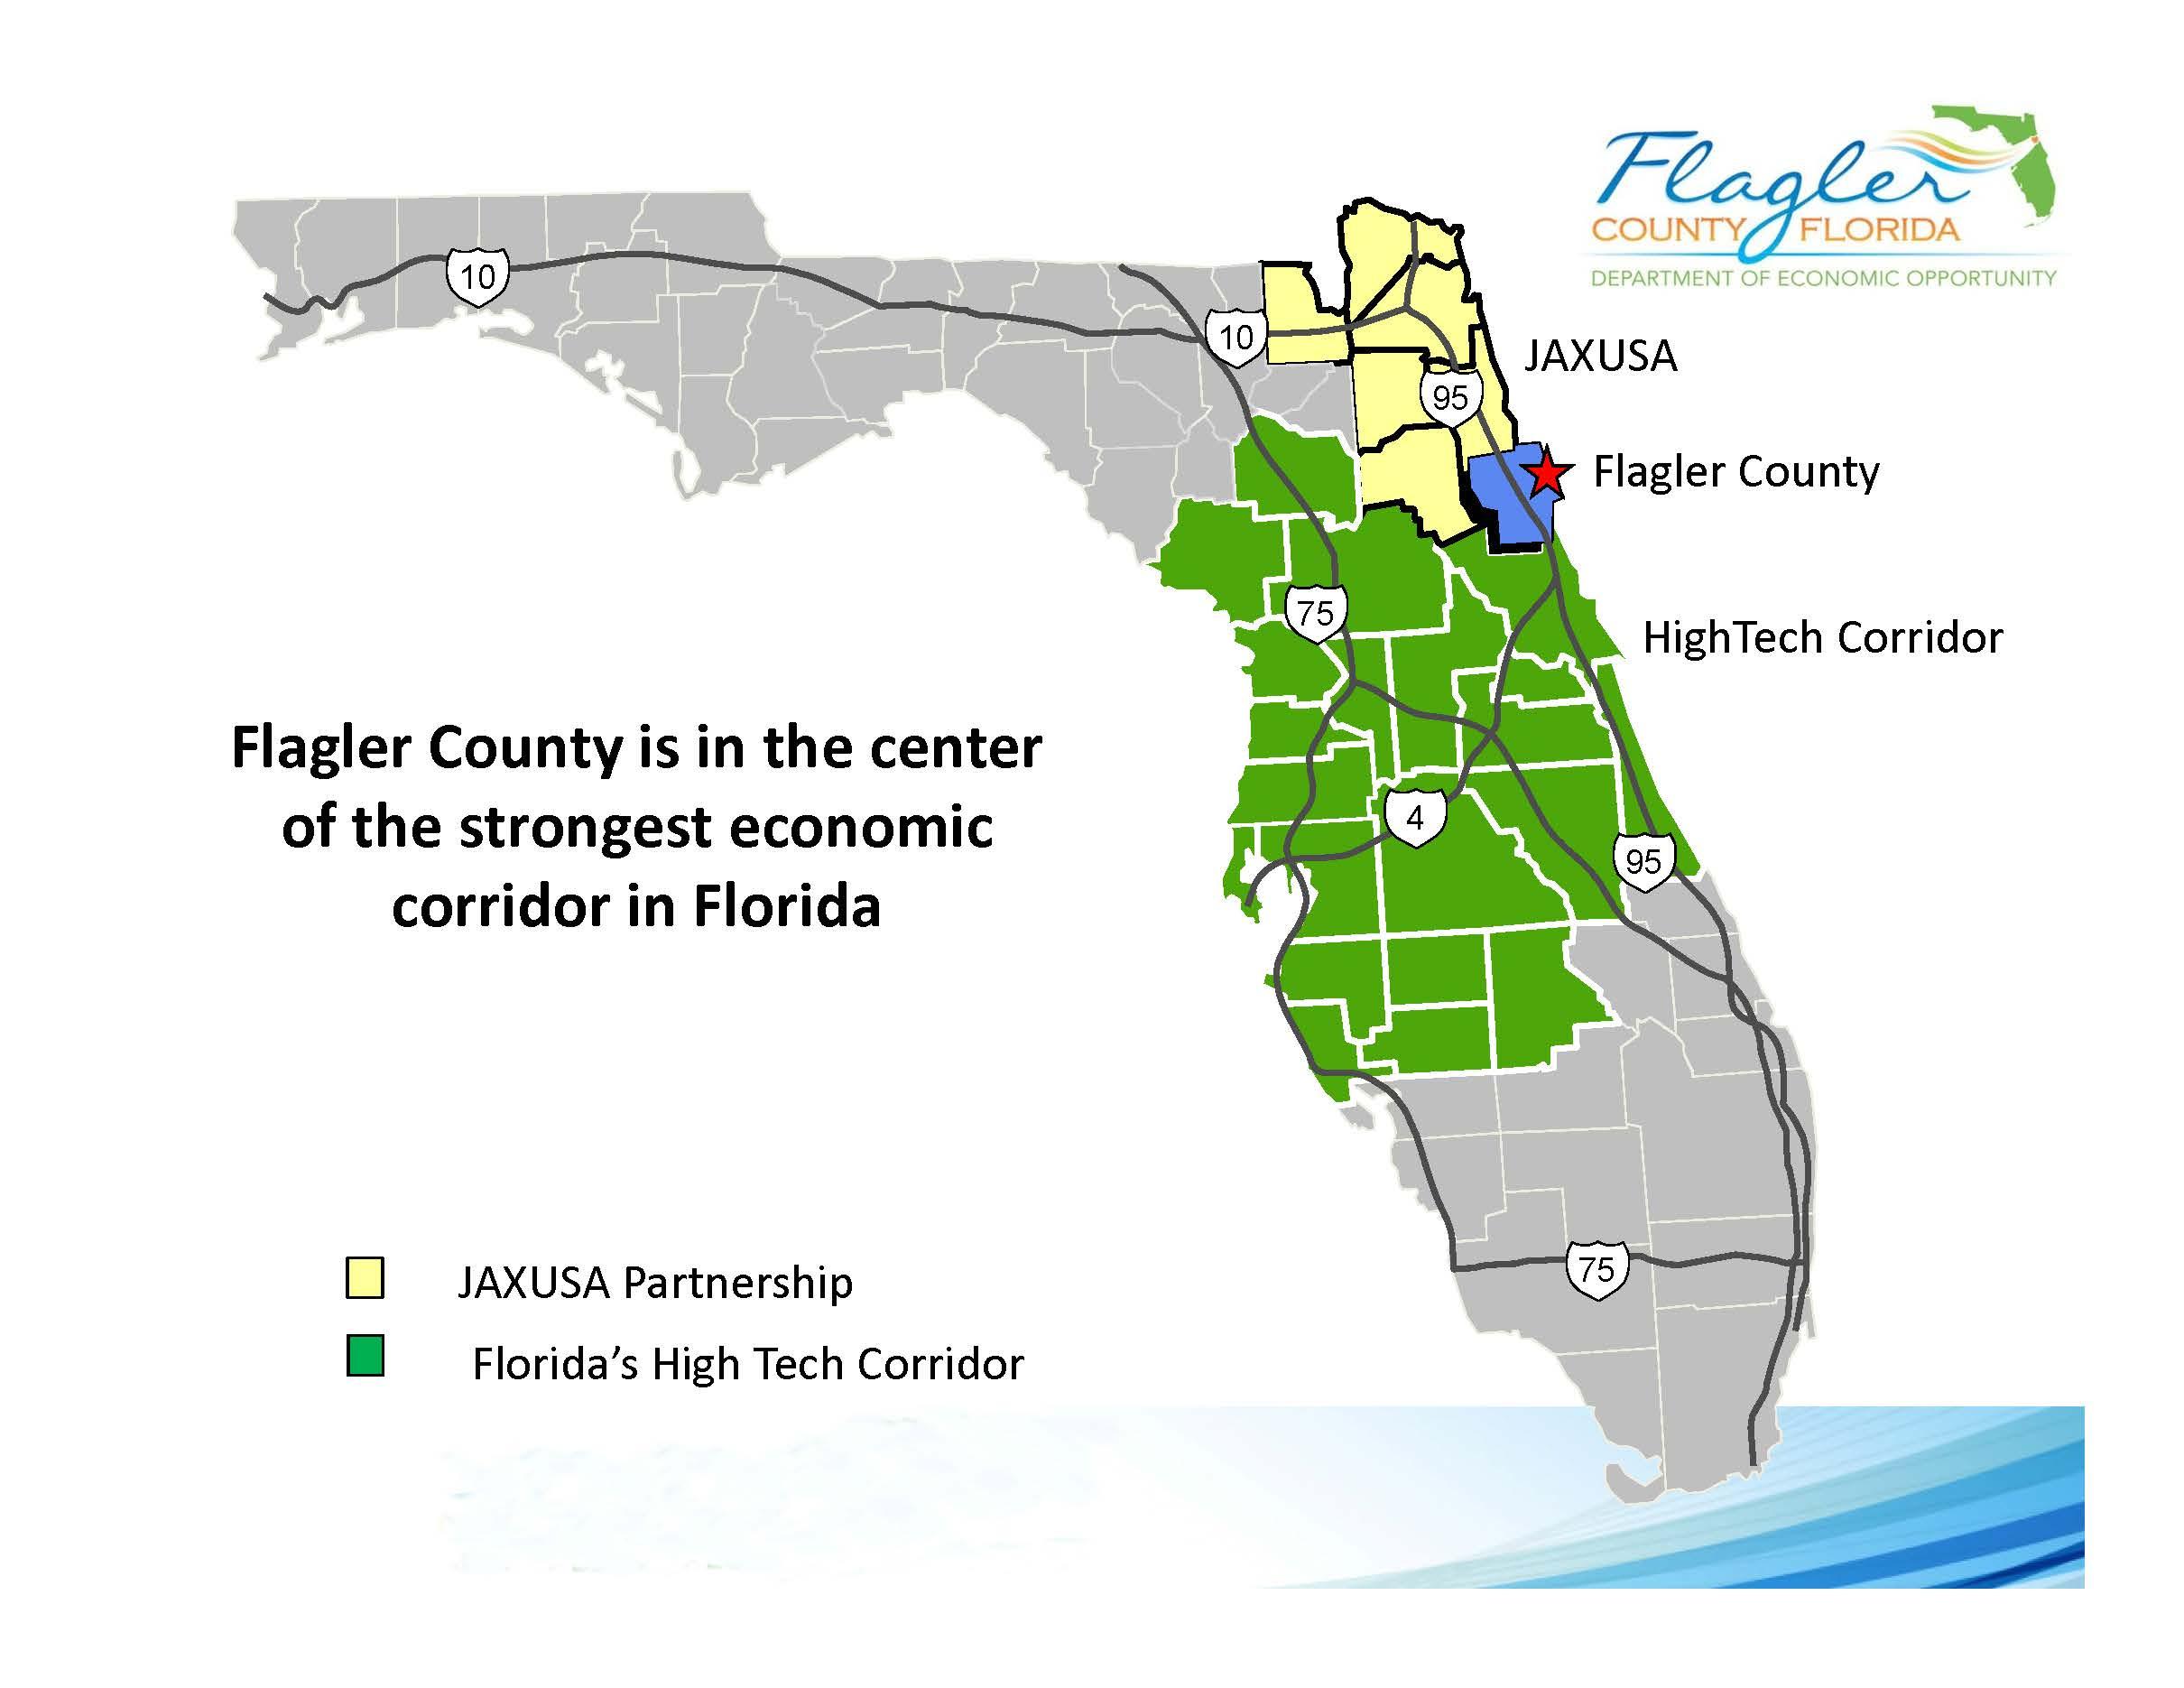 Economic Corridor Map - Flagler County - Florida High Tech Corridor Map